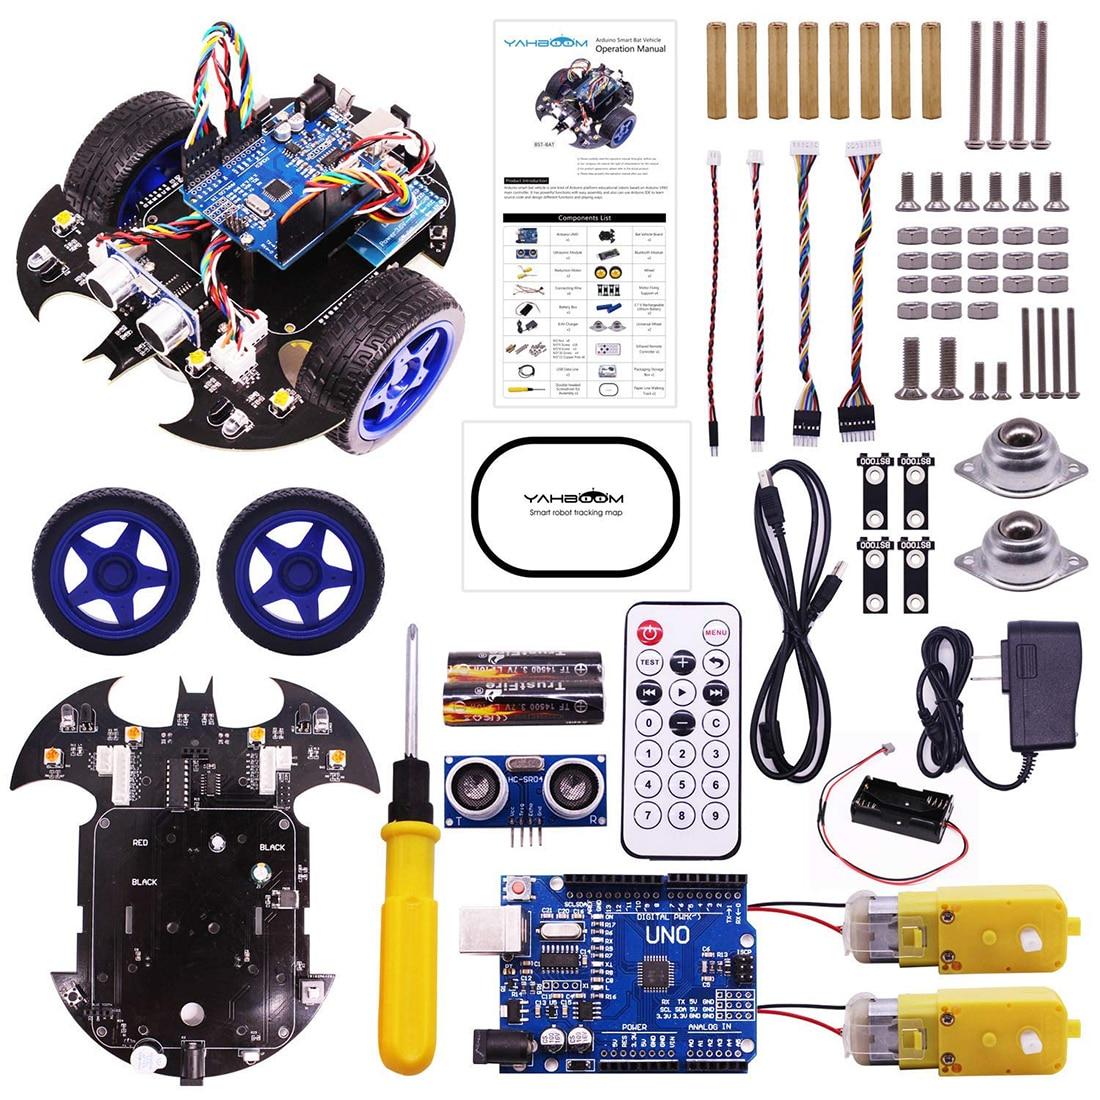 Rowsfire Bat Robot inteligente coche proyecto completo Starter Tutorial alta tecnología programable juguete para Arduino Kit de prueba para niños adultos-in Juguetes programables from Juguetes y pasatiempos    1